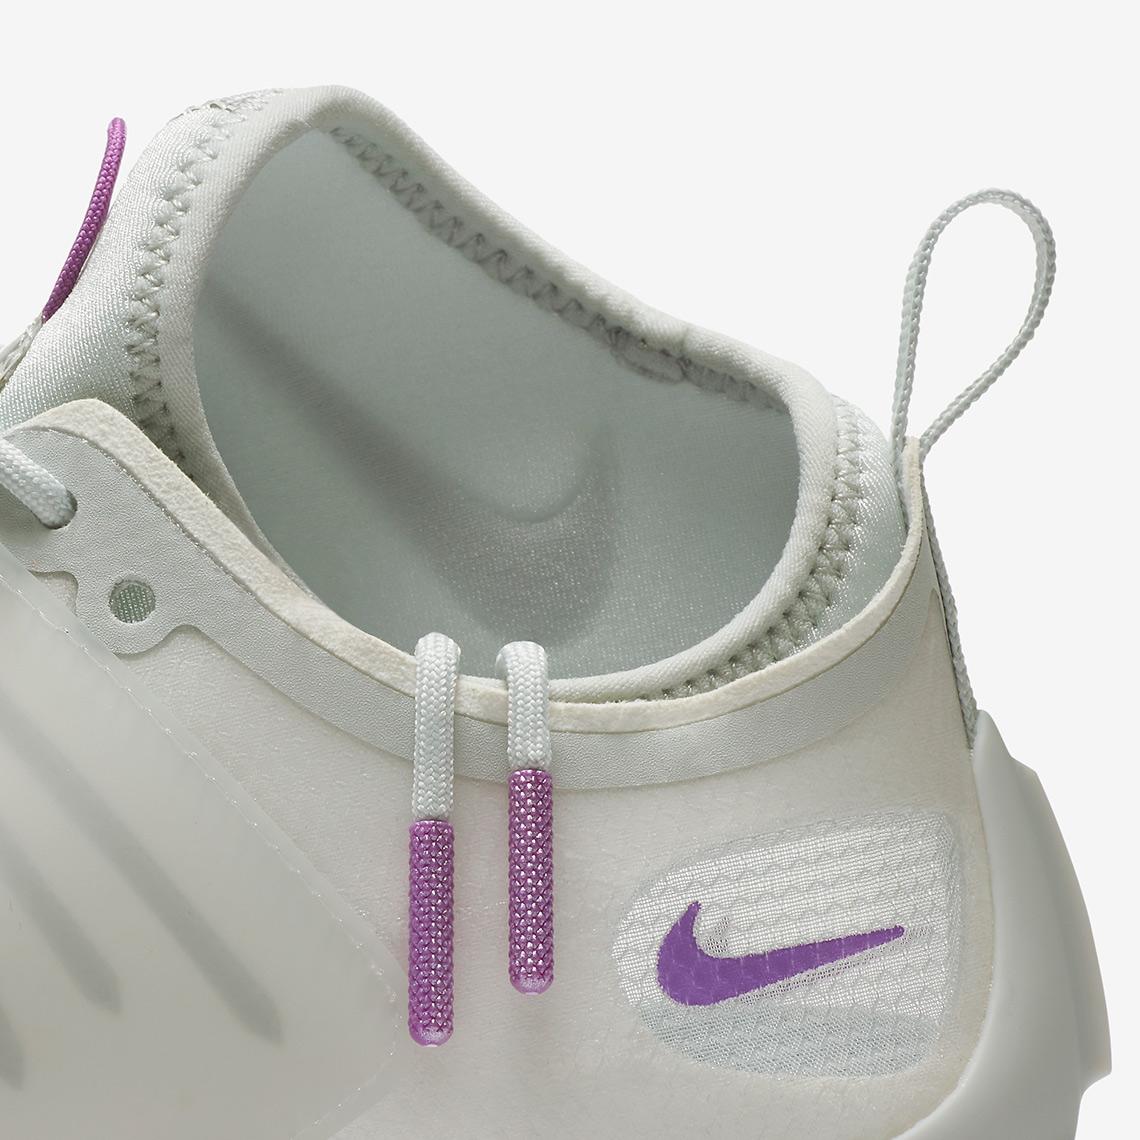 4bf606e958ab4 Nike Pegasus Turbo XX AR4347-002 + AR4347-001 Buy Now